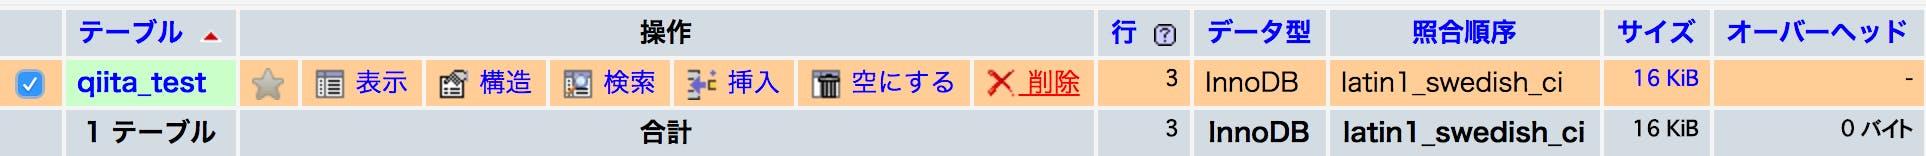 スクリーンショット 2017-01-10 18.59.30.png